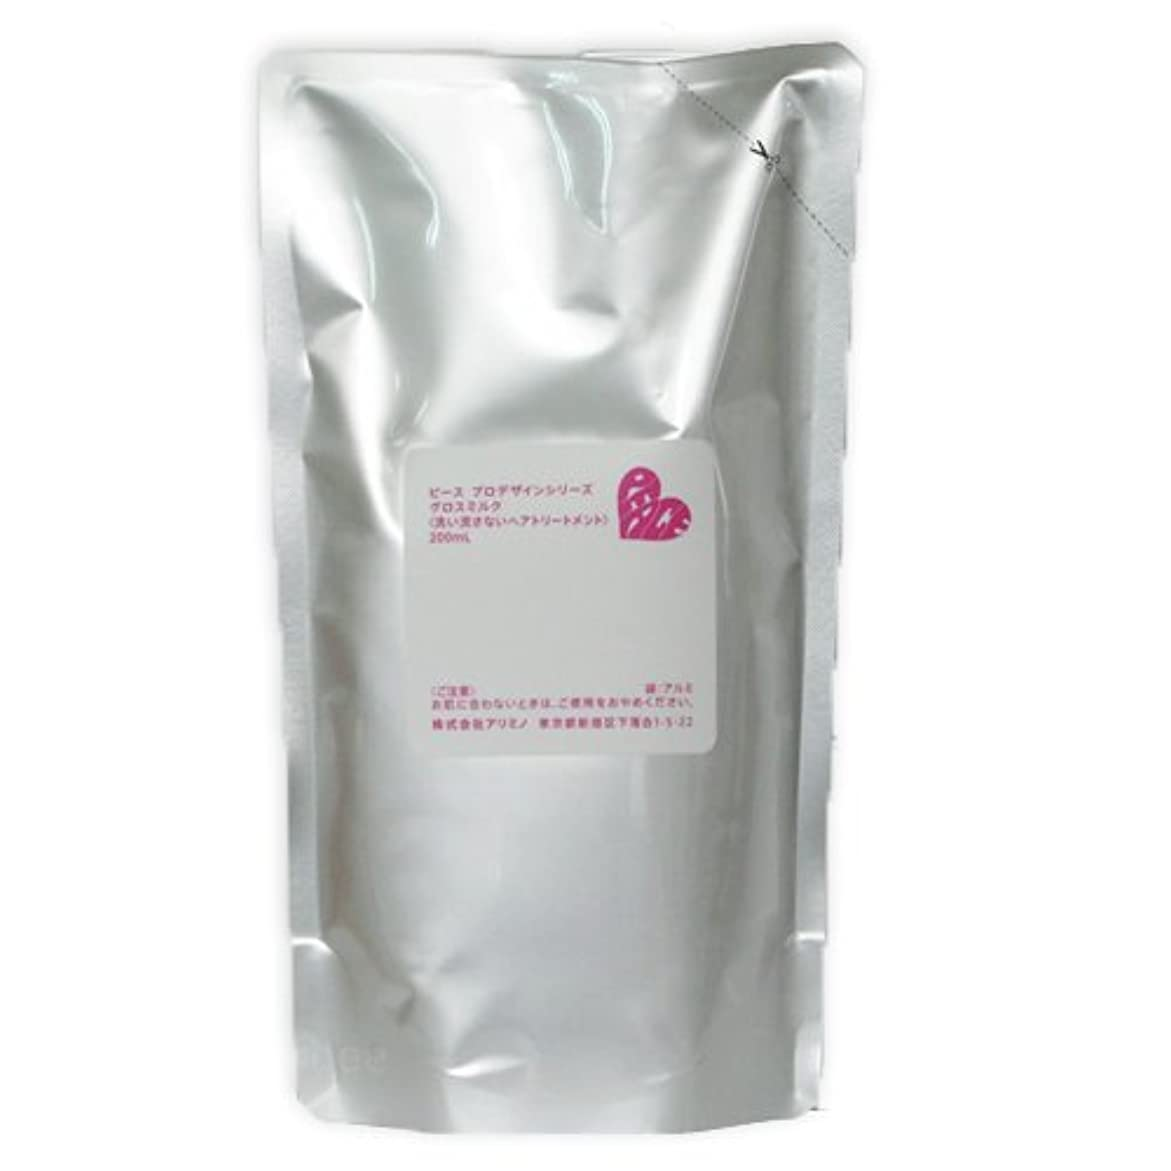 可塑性鋭くぺディカブアリミノ ピース グロスミルク ホワイト 200mL 詰め替え リフィル